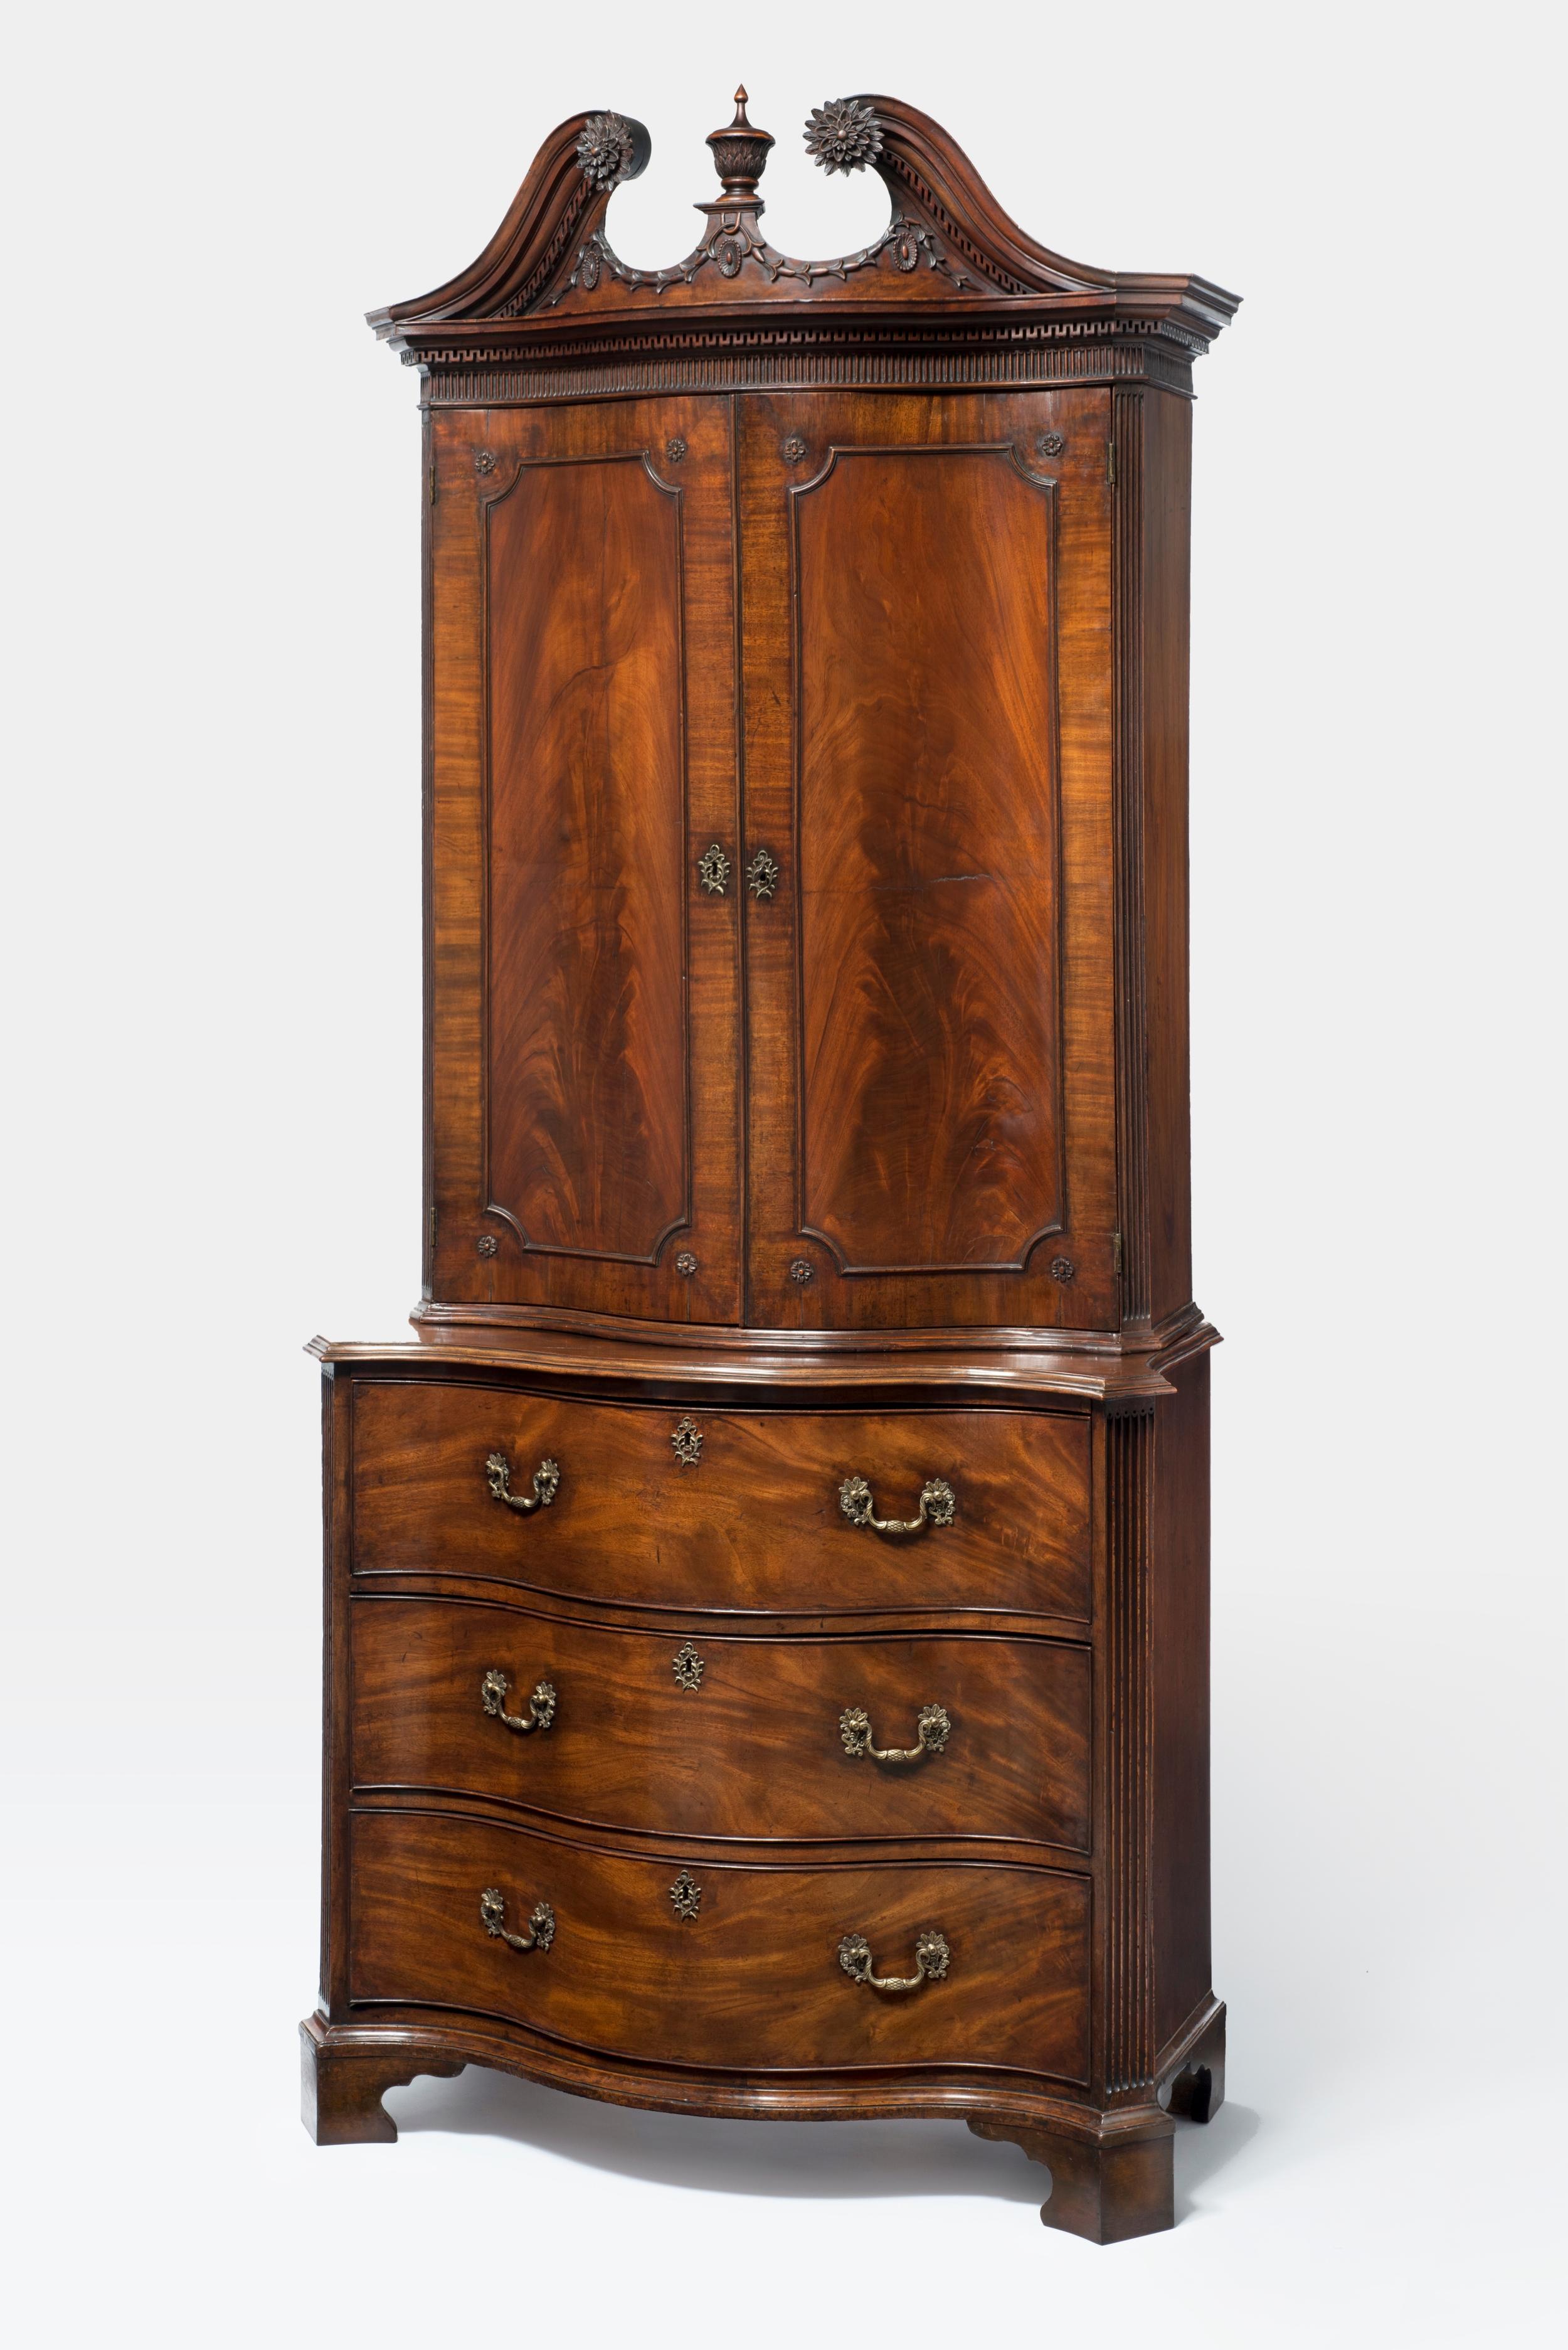 After waxing: Clothes Press c. 1760, mahogany